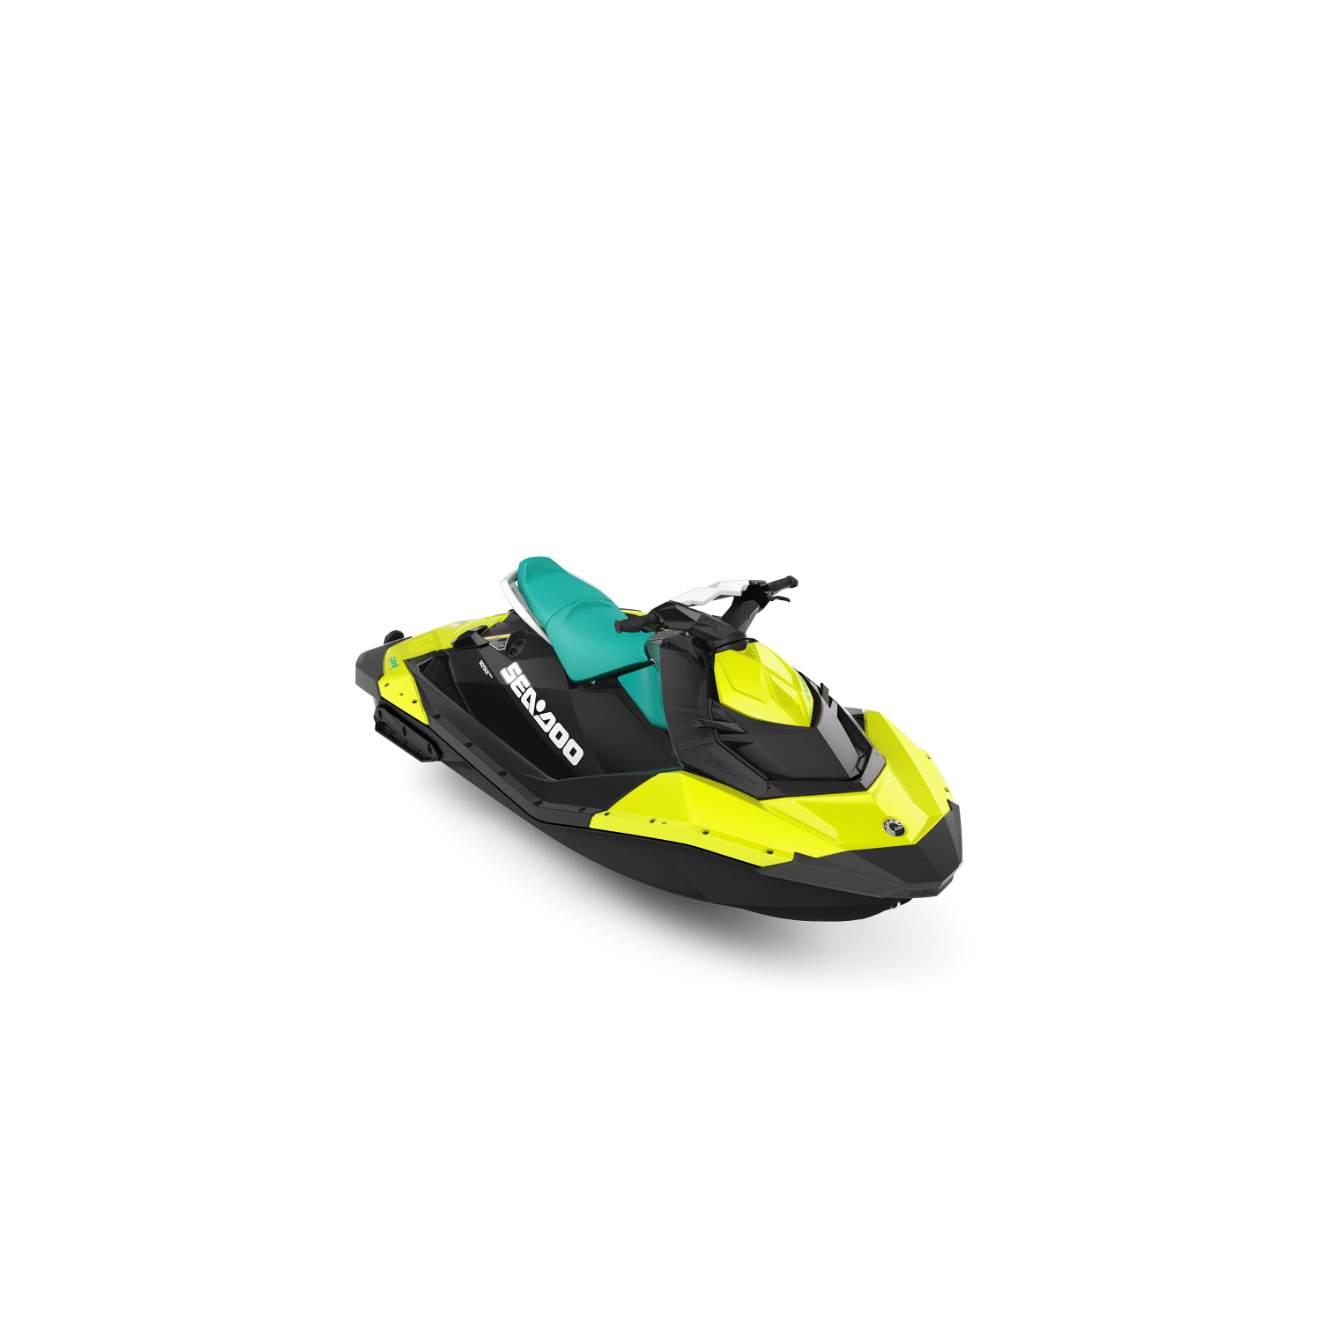 2019 Sea-Doo Spark 2up 900 ACE 9